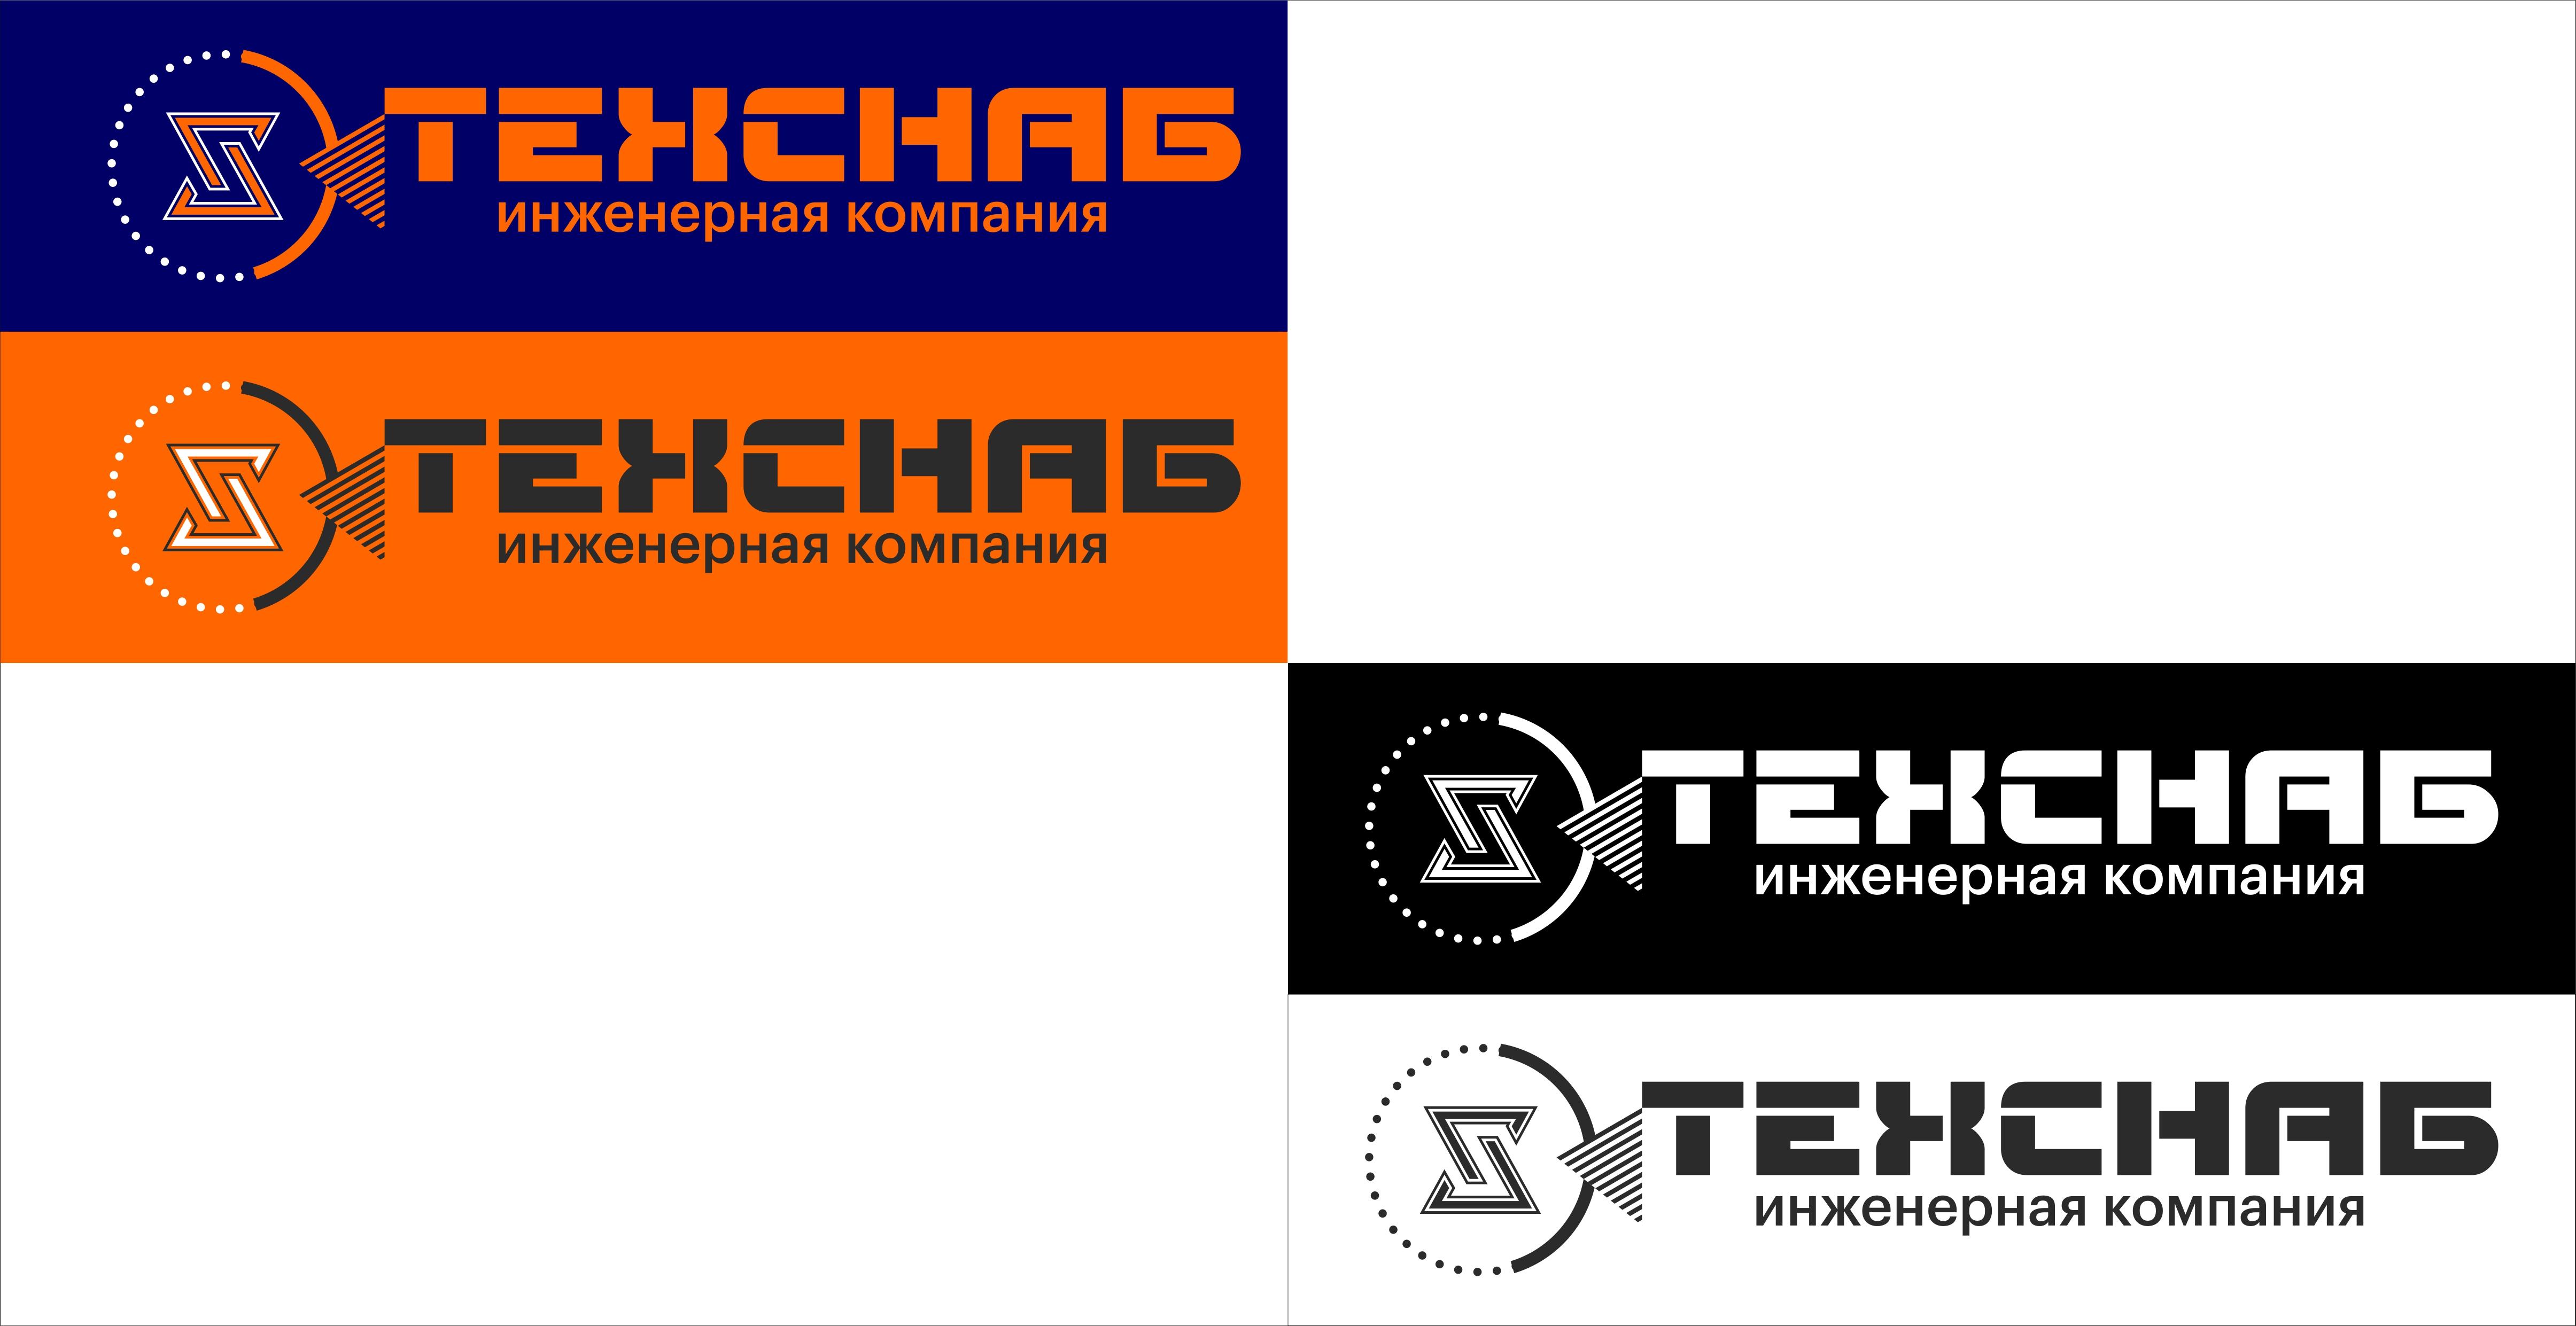 Разработка логотипа и фирм. стиля компании  ТЕХСНАБ фото f_1725b1eb49bcaa9c.jpg